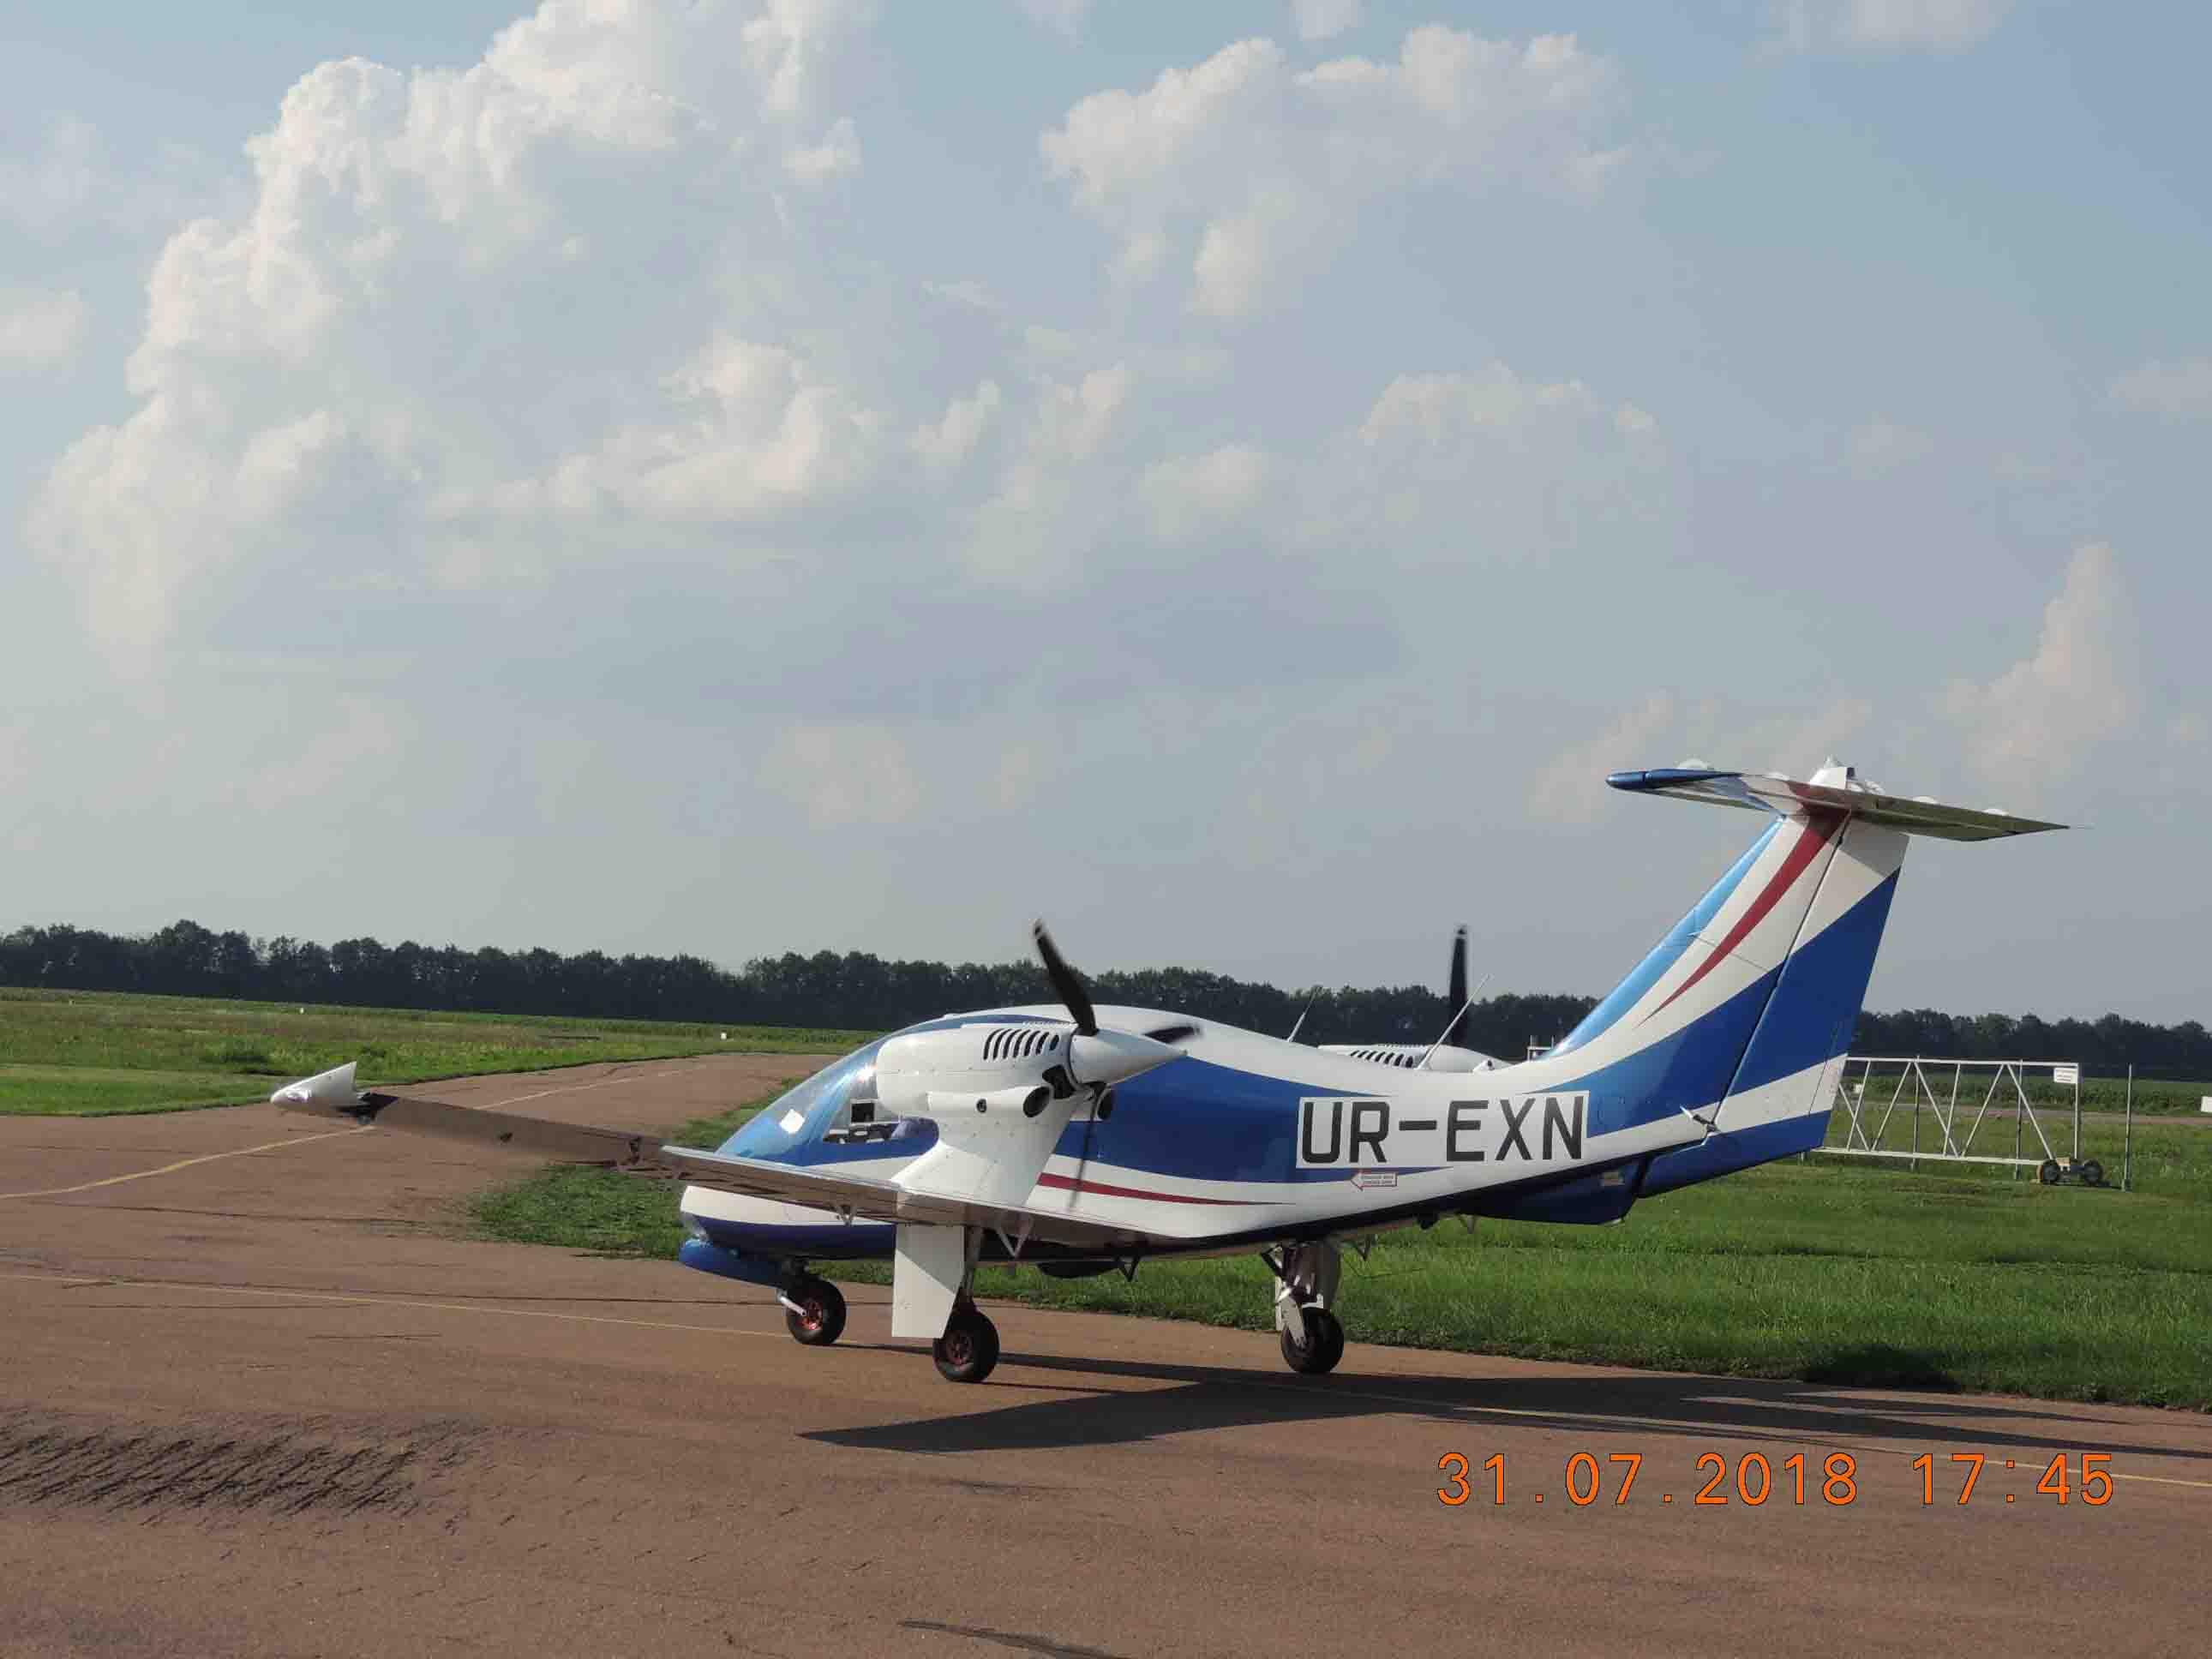 продаем четырехместный, двухмоторный самолет V-24-I фото 5